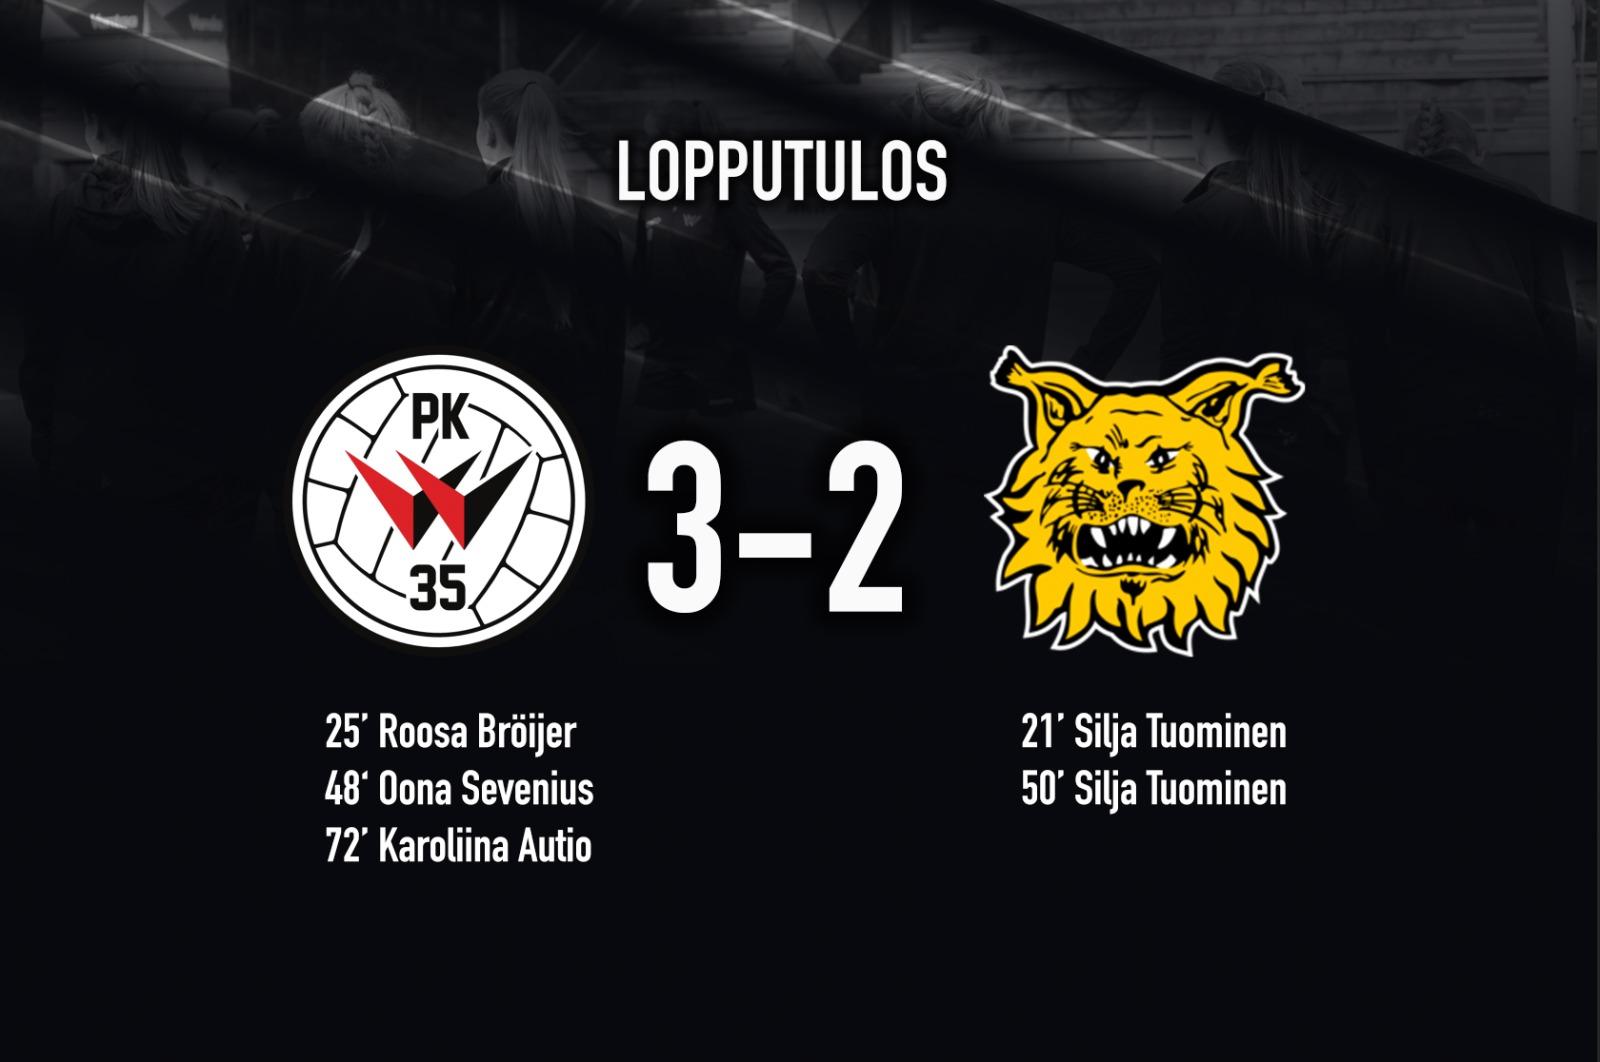 PK 35 Vantaa – Ilves 3 2, Kansallinen Liiga 24.5.2021